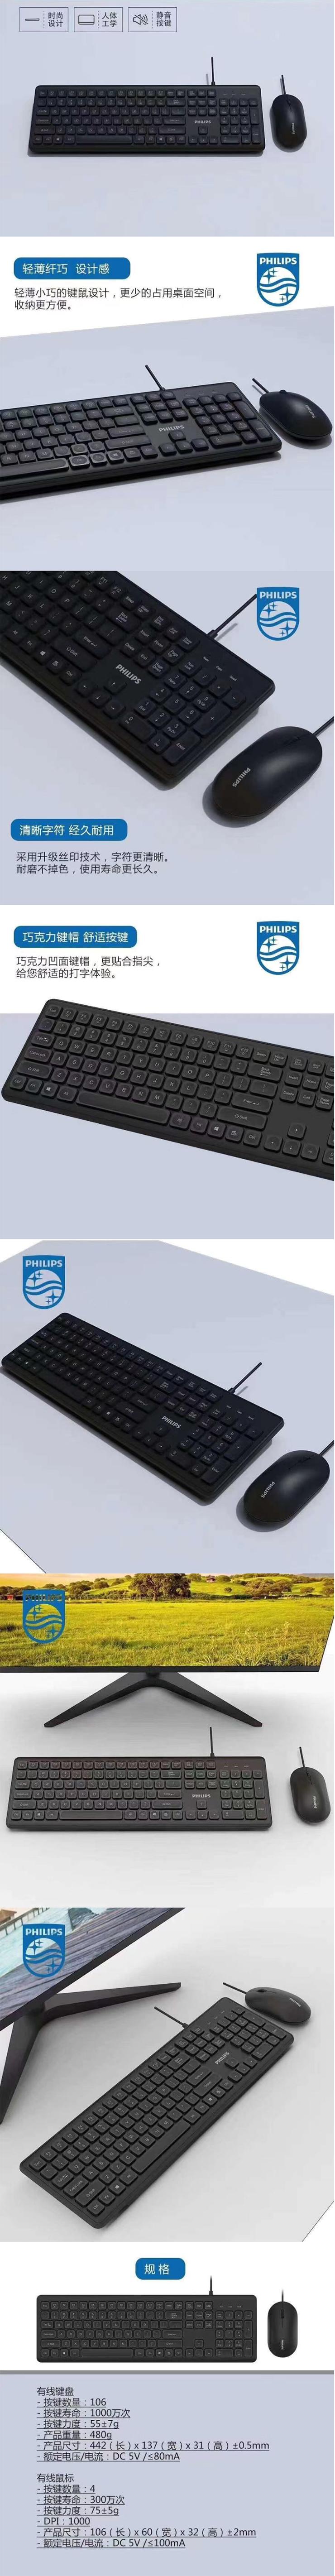 飞利浦SPT8264有线巧克力式键盘鼠标套装-C264笔记本台式电脑通用-淘宝网